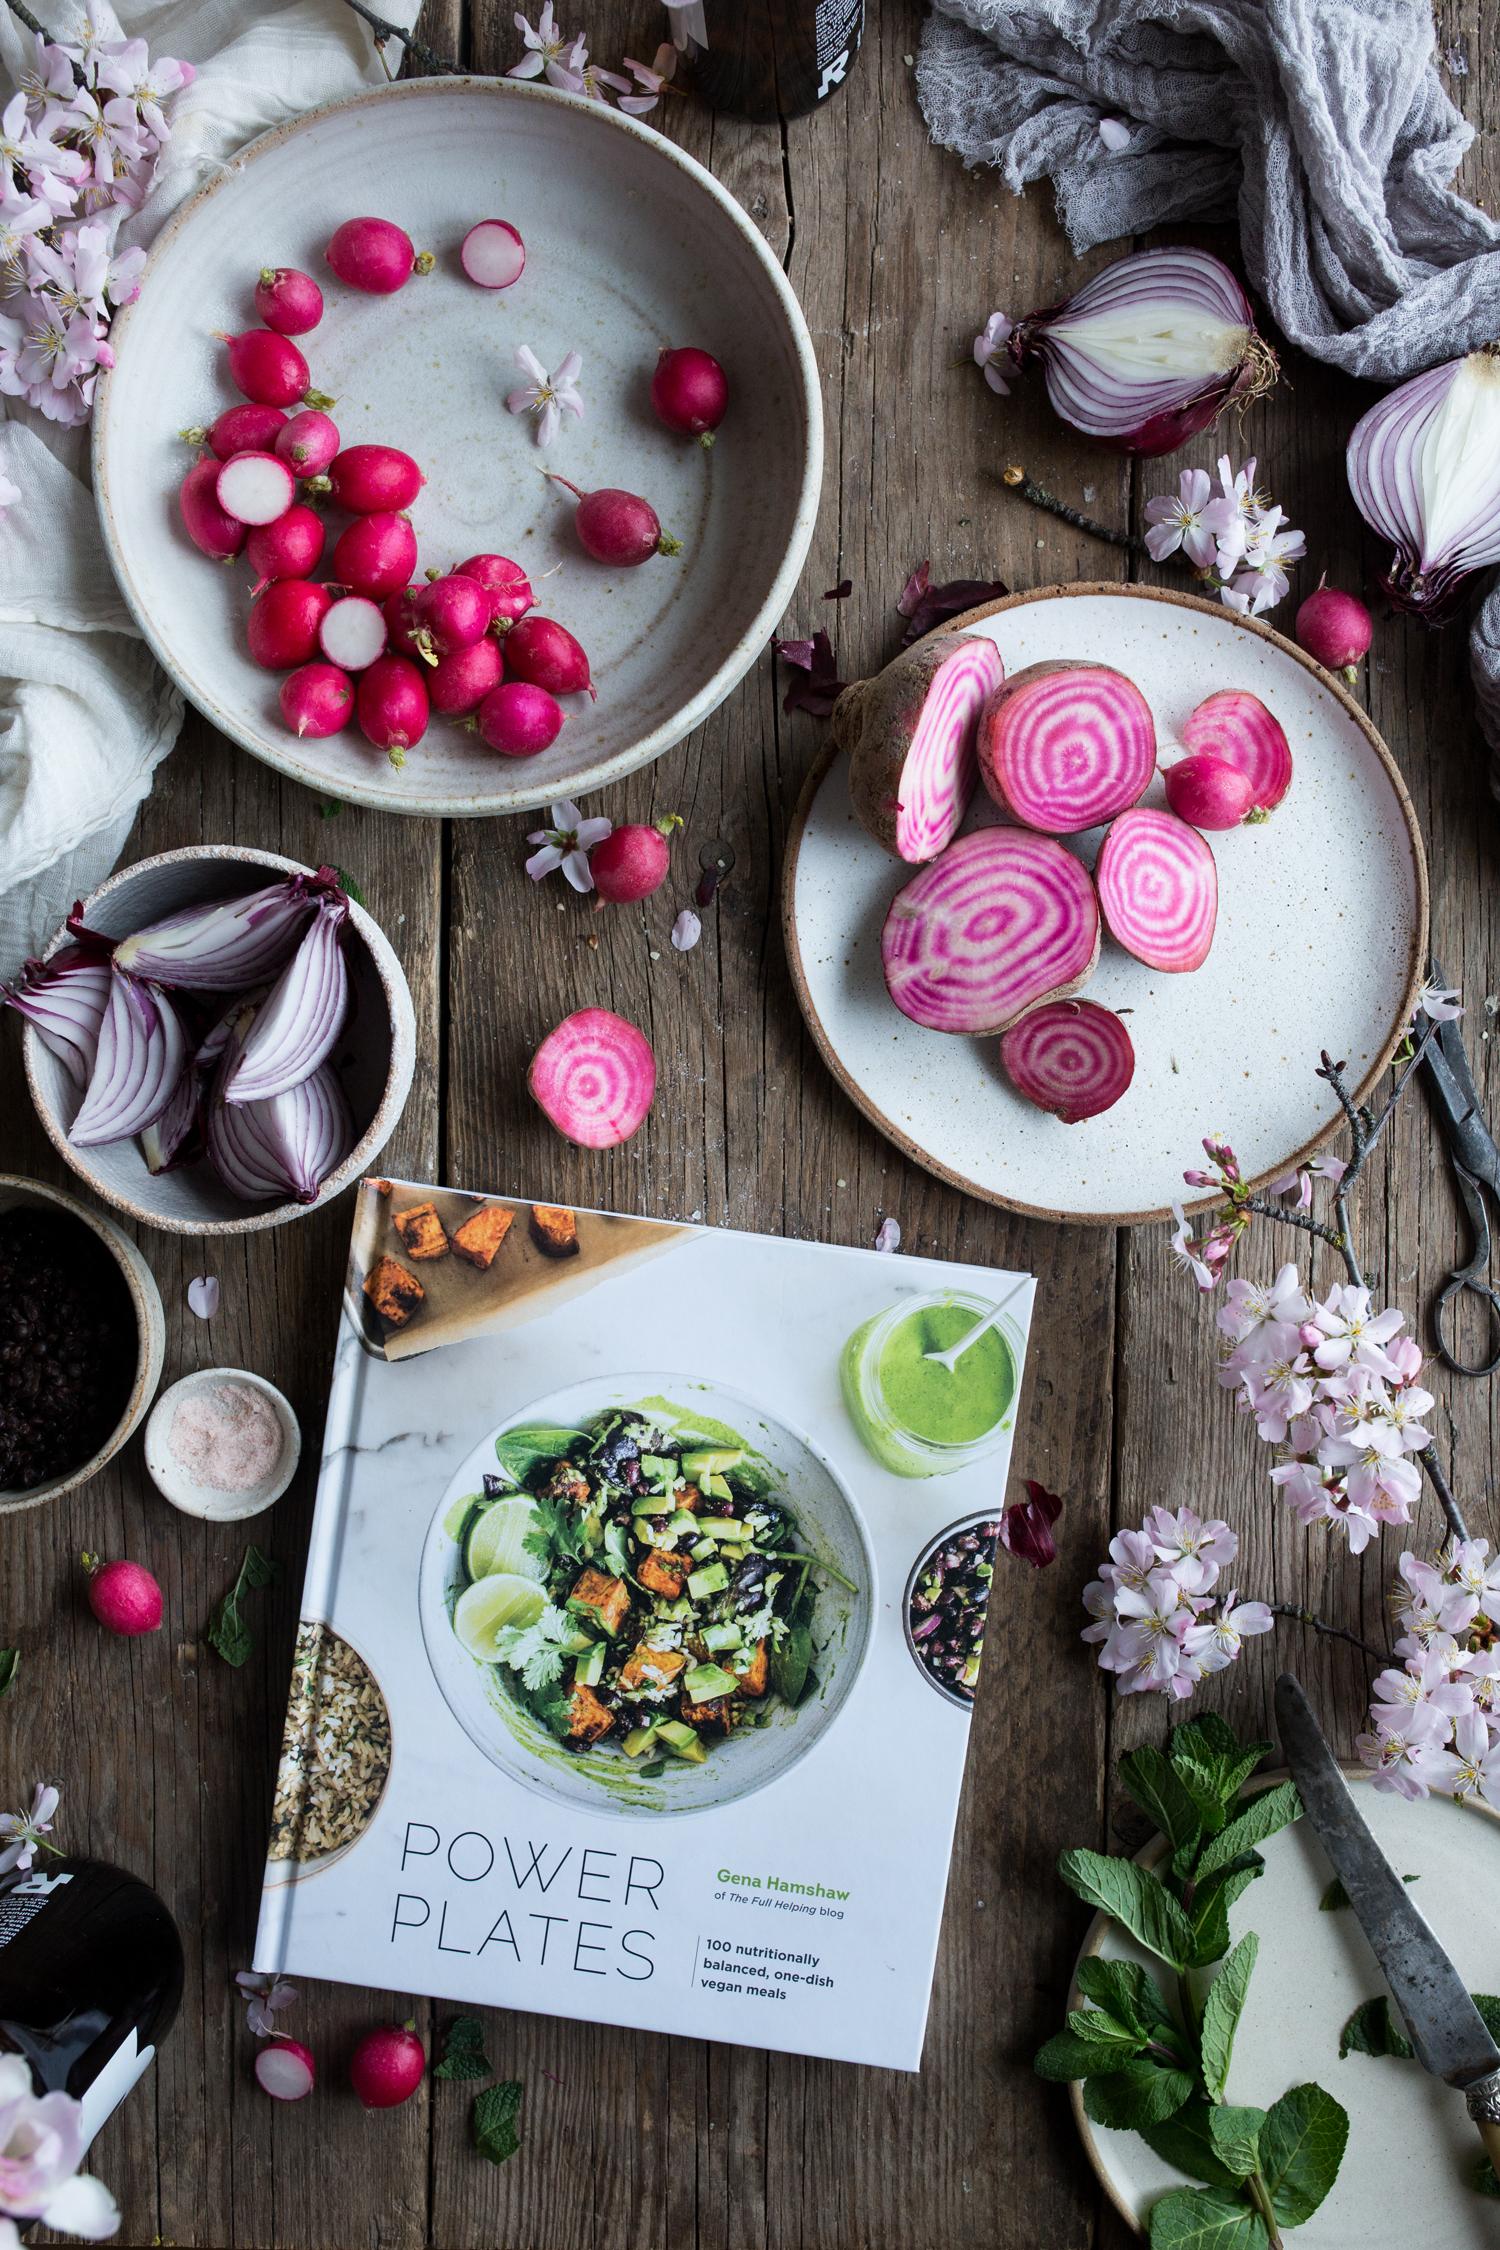 Vegan protein lentil salad recipe